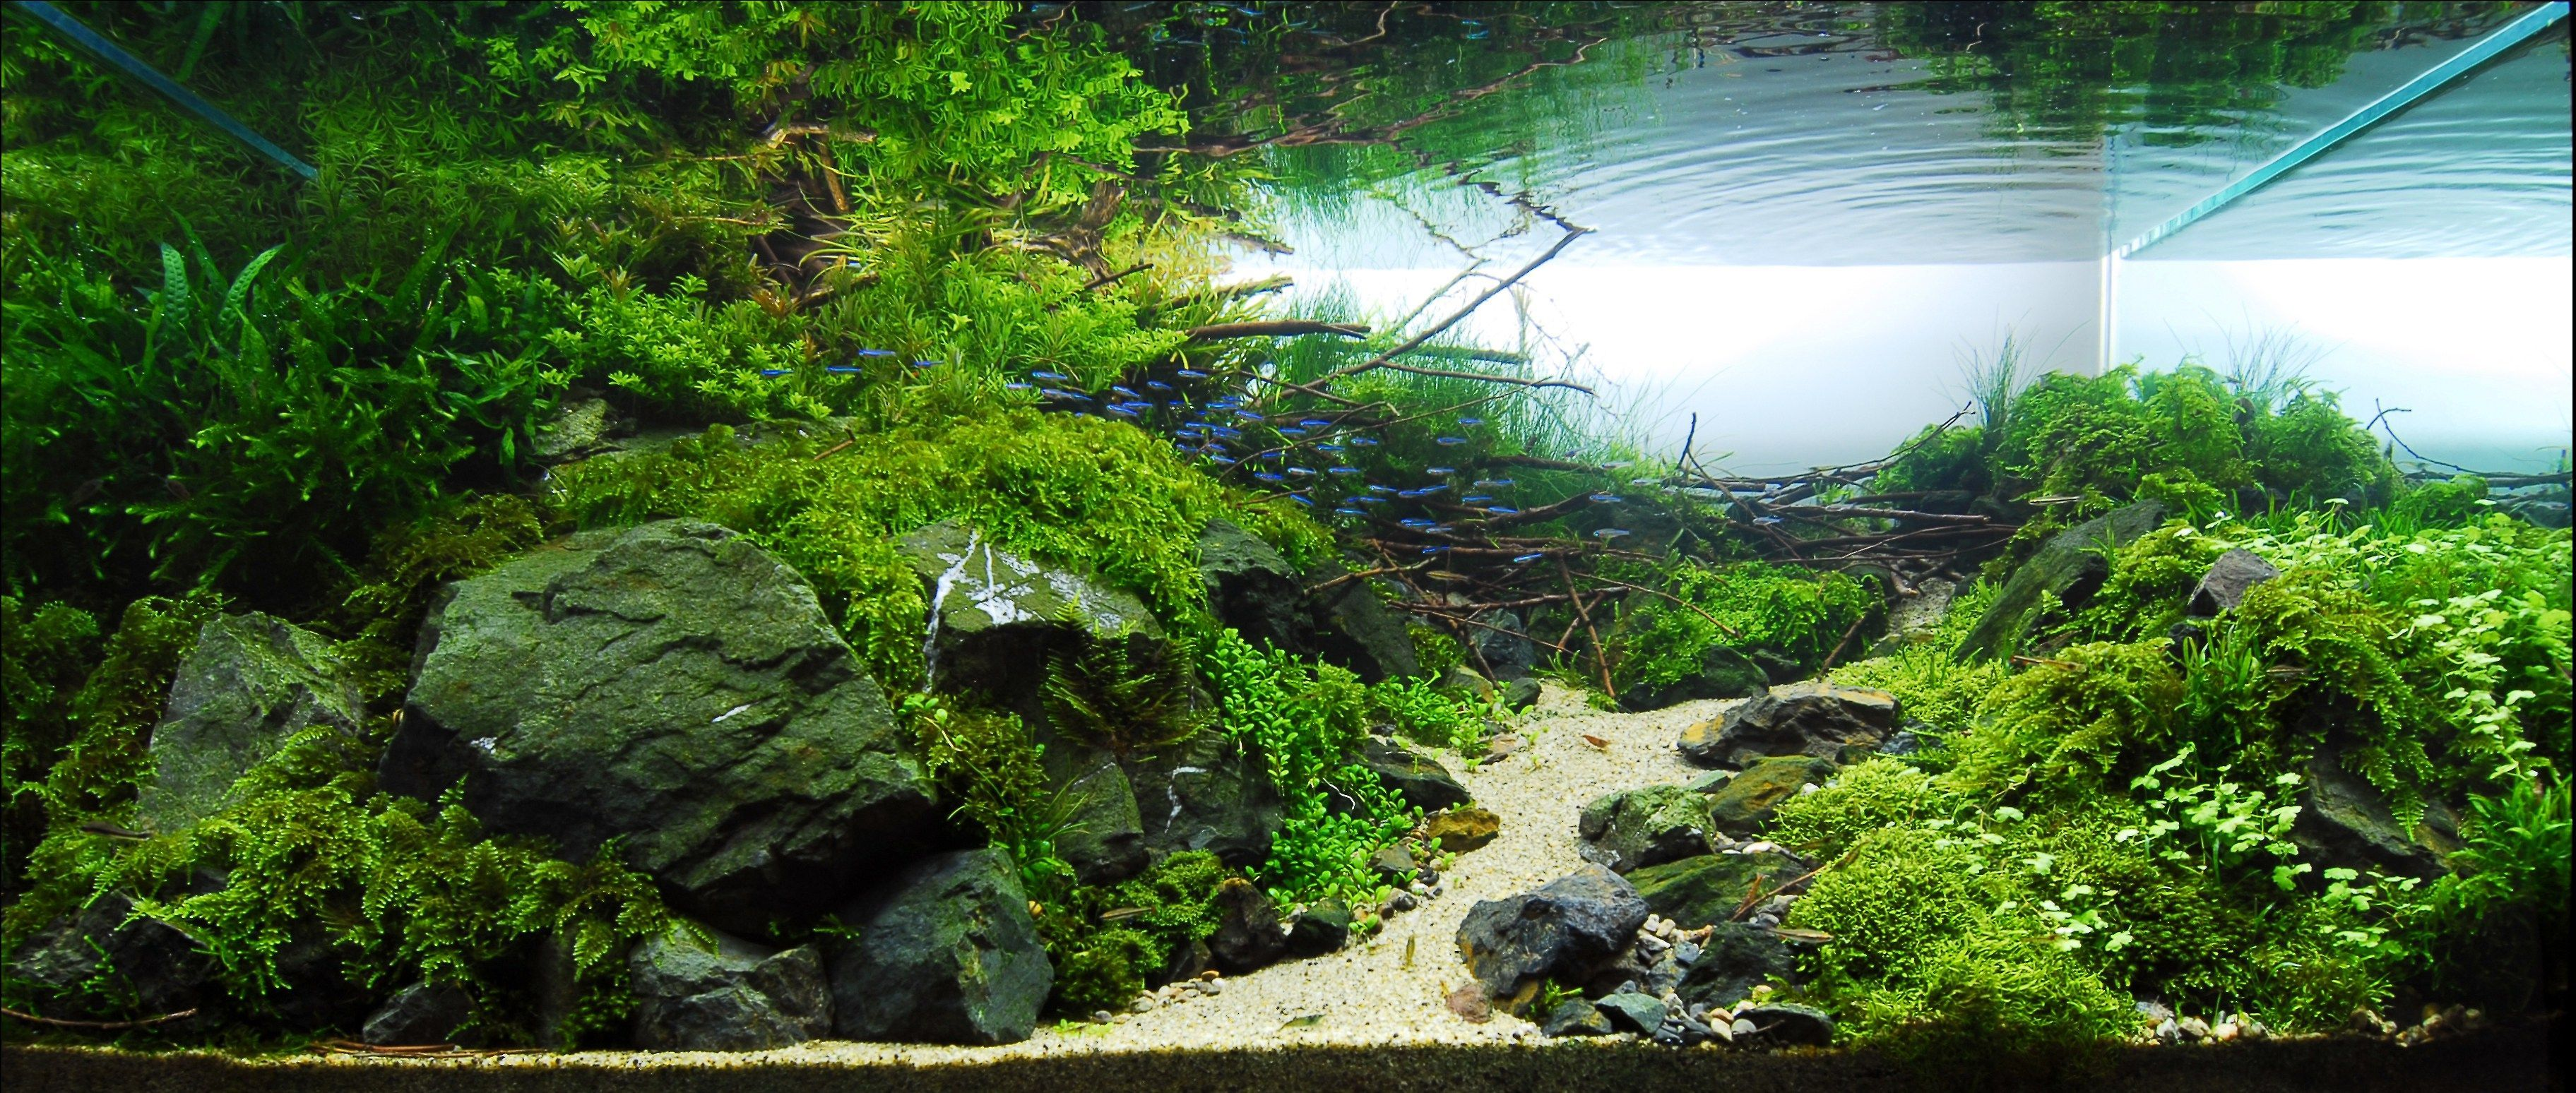 Aquascape Wallpapers Top Free Aquascape Backgrounds Wallpaperaccess